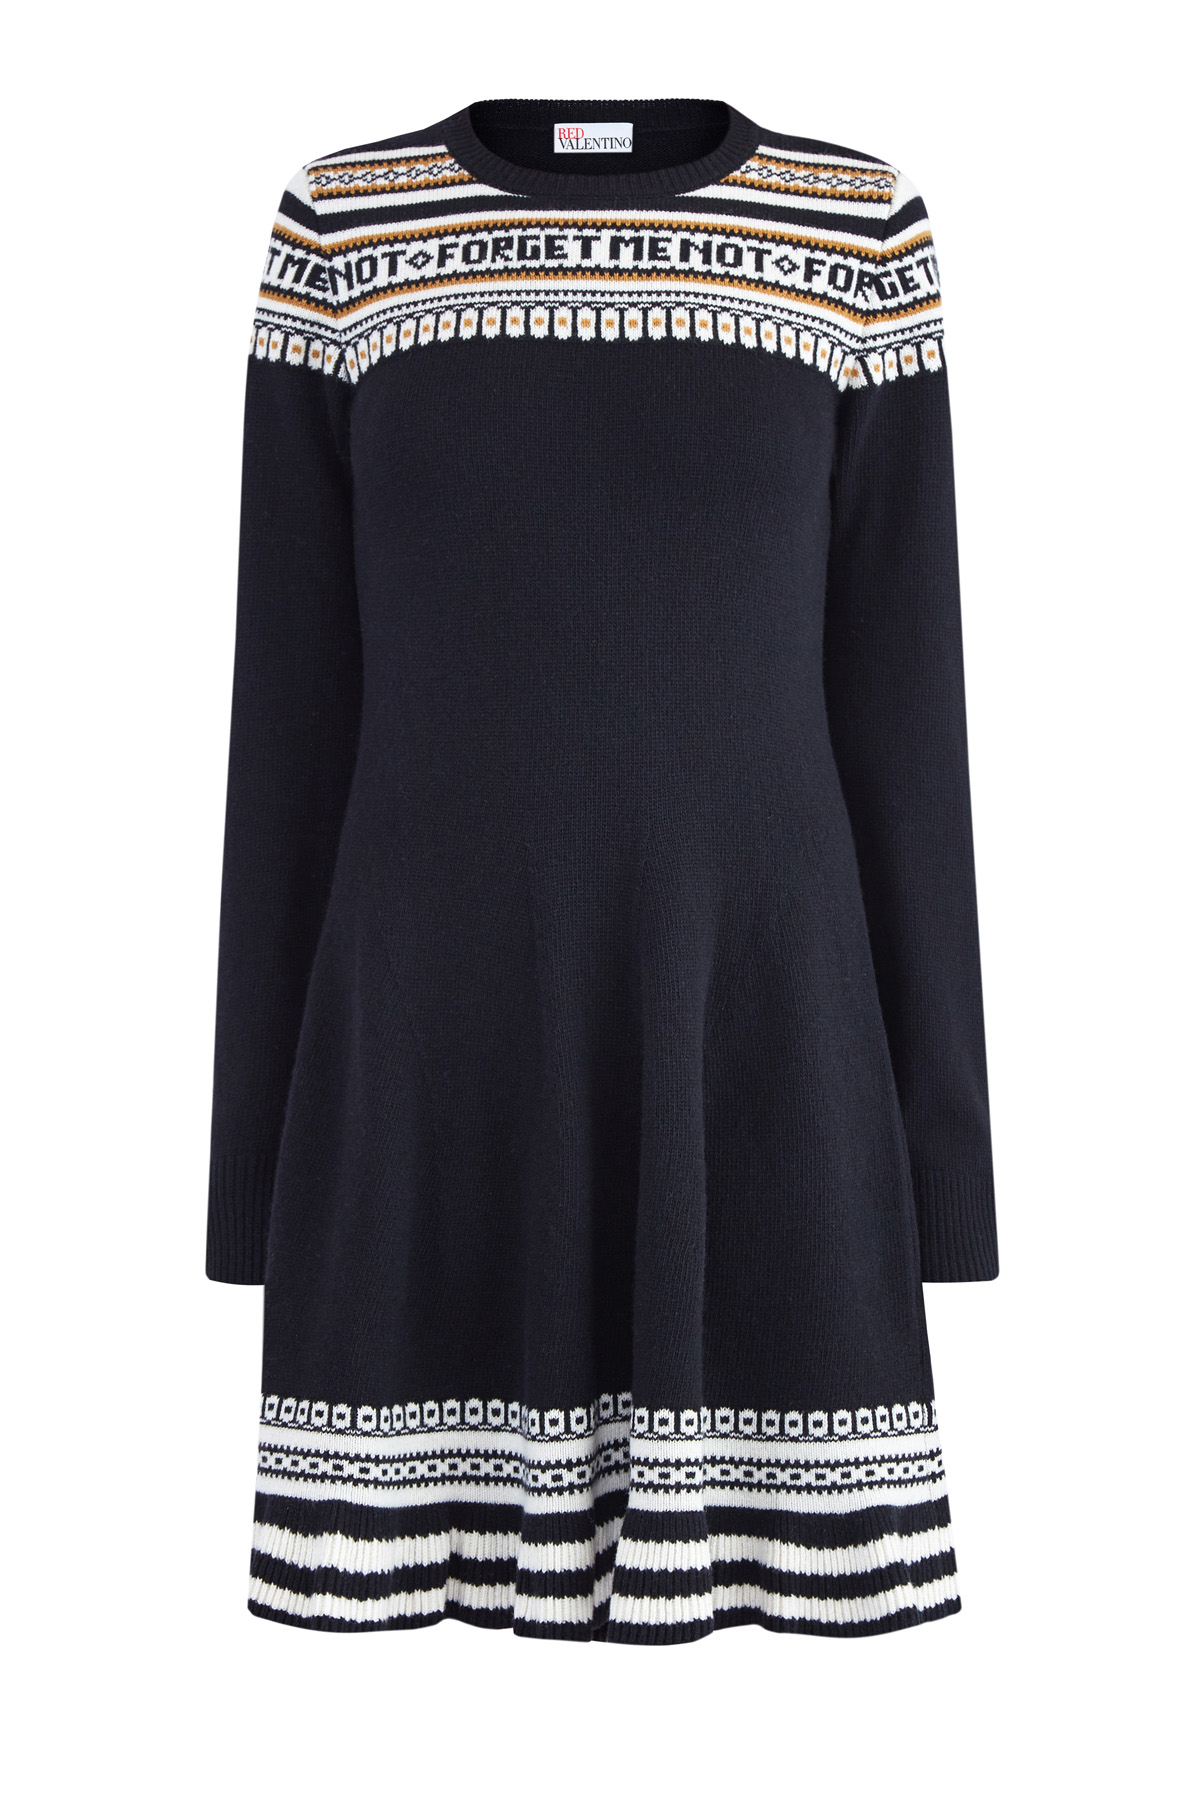 60c811f0f49 Женское платье из шерстяной пряжи с узором в стиле норвежского жаккарда REDVALENTINO  трикотажные